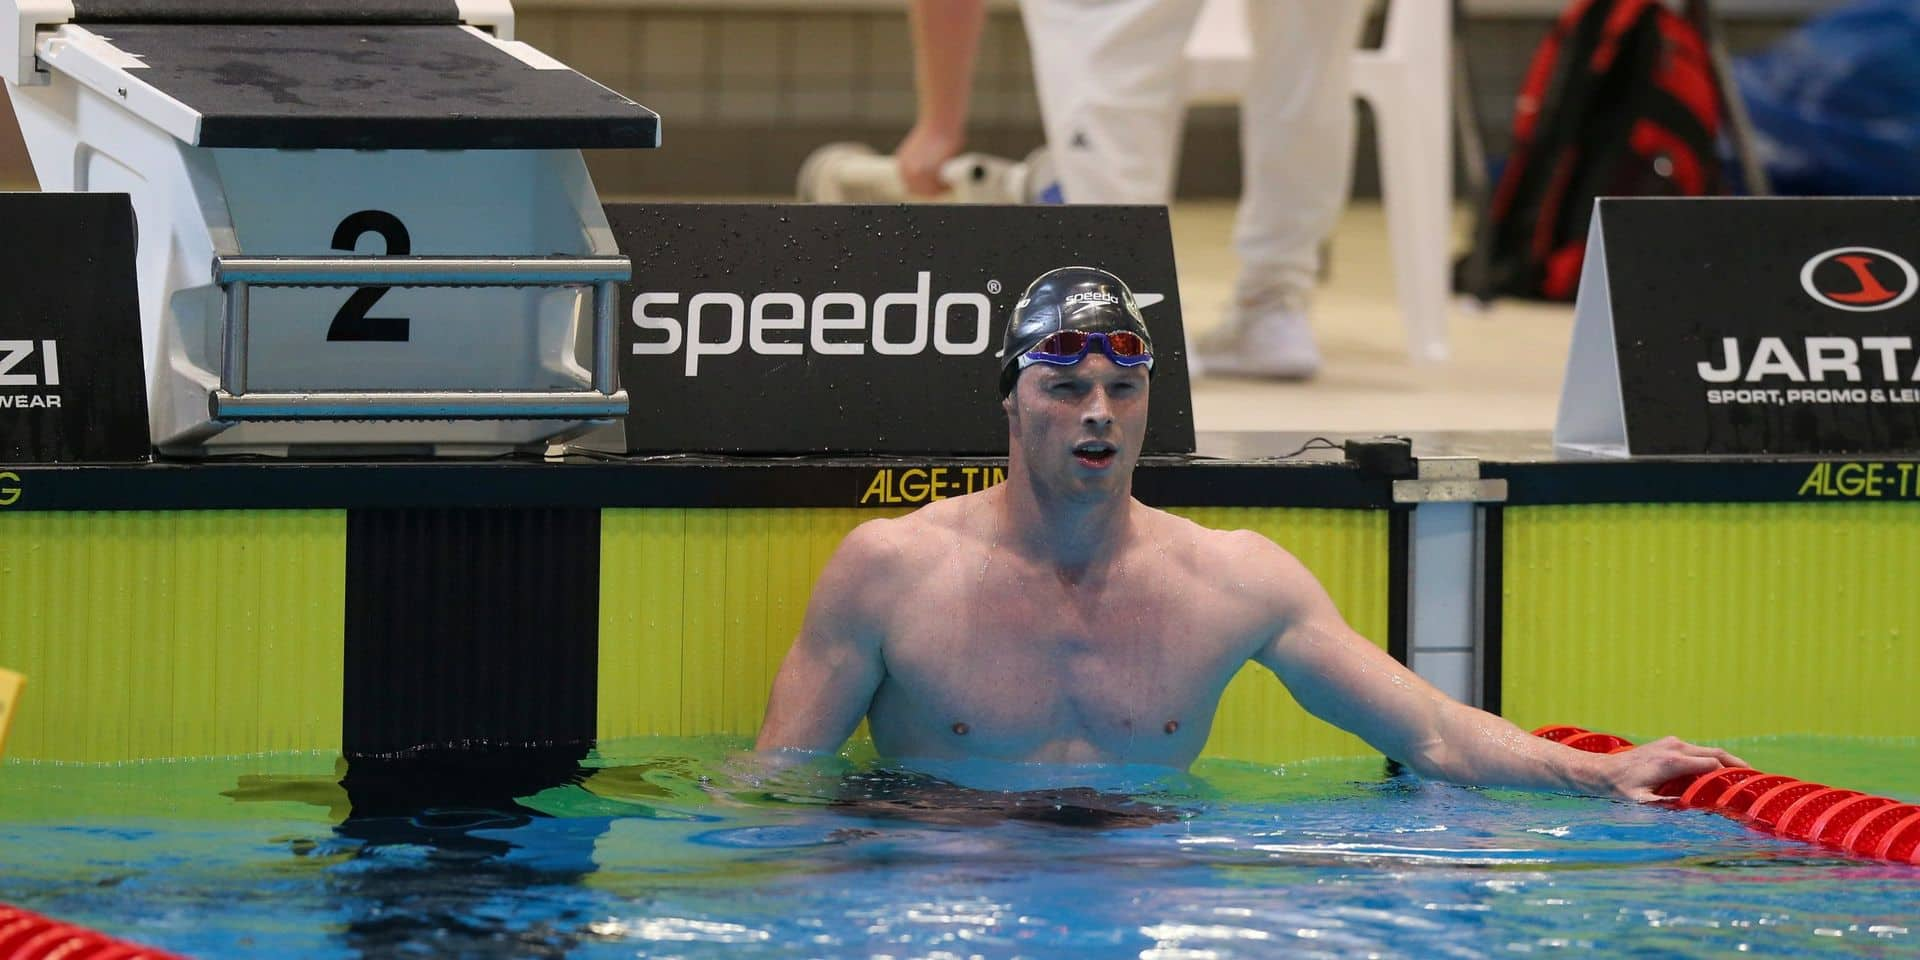 Euro de natation : Louis Croenen se qualifie pour les demi-finales sur 100m papillon